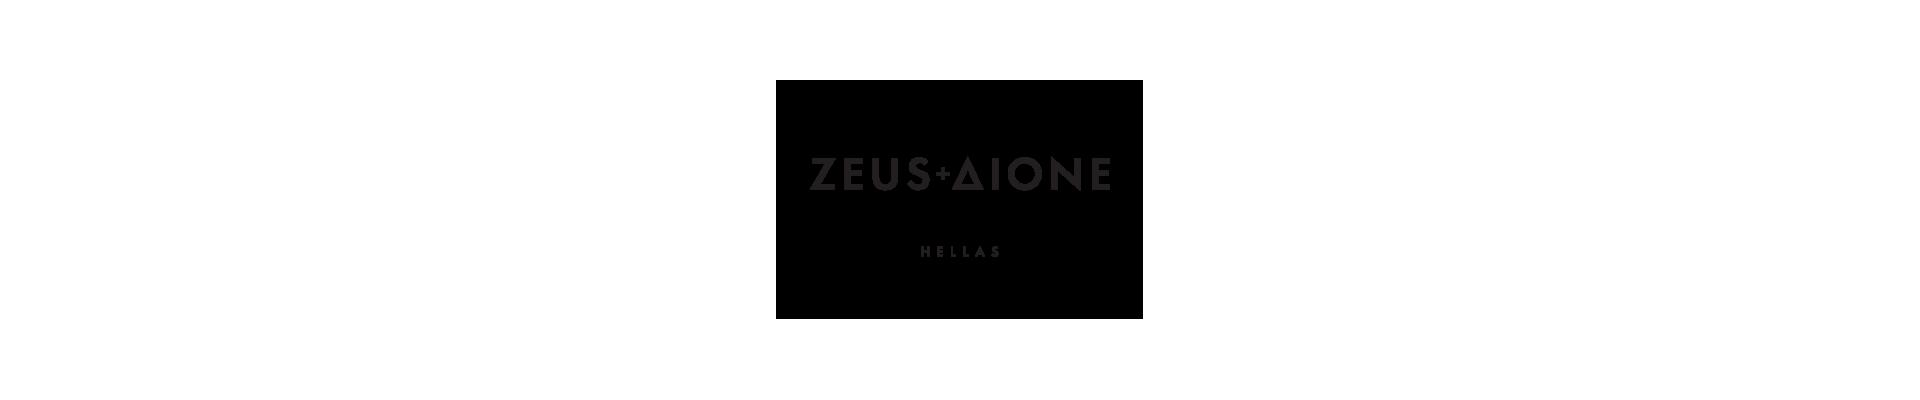 Zeus&Δione